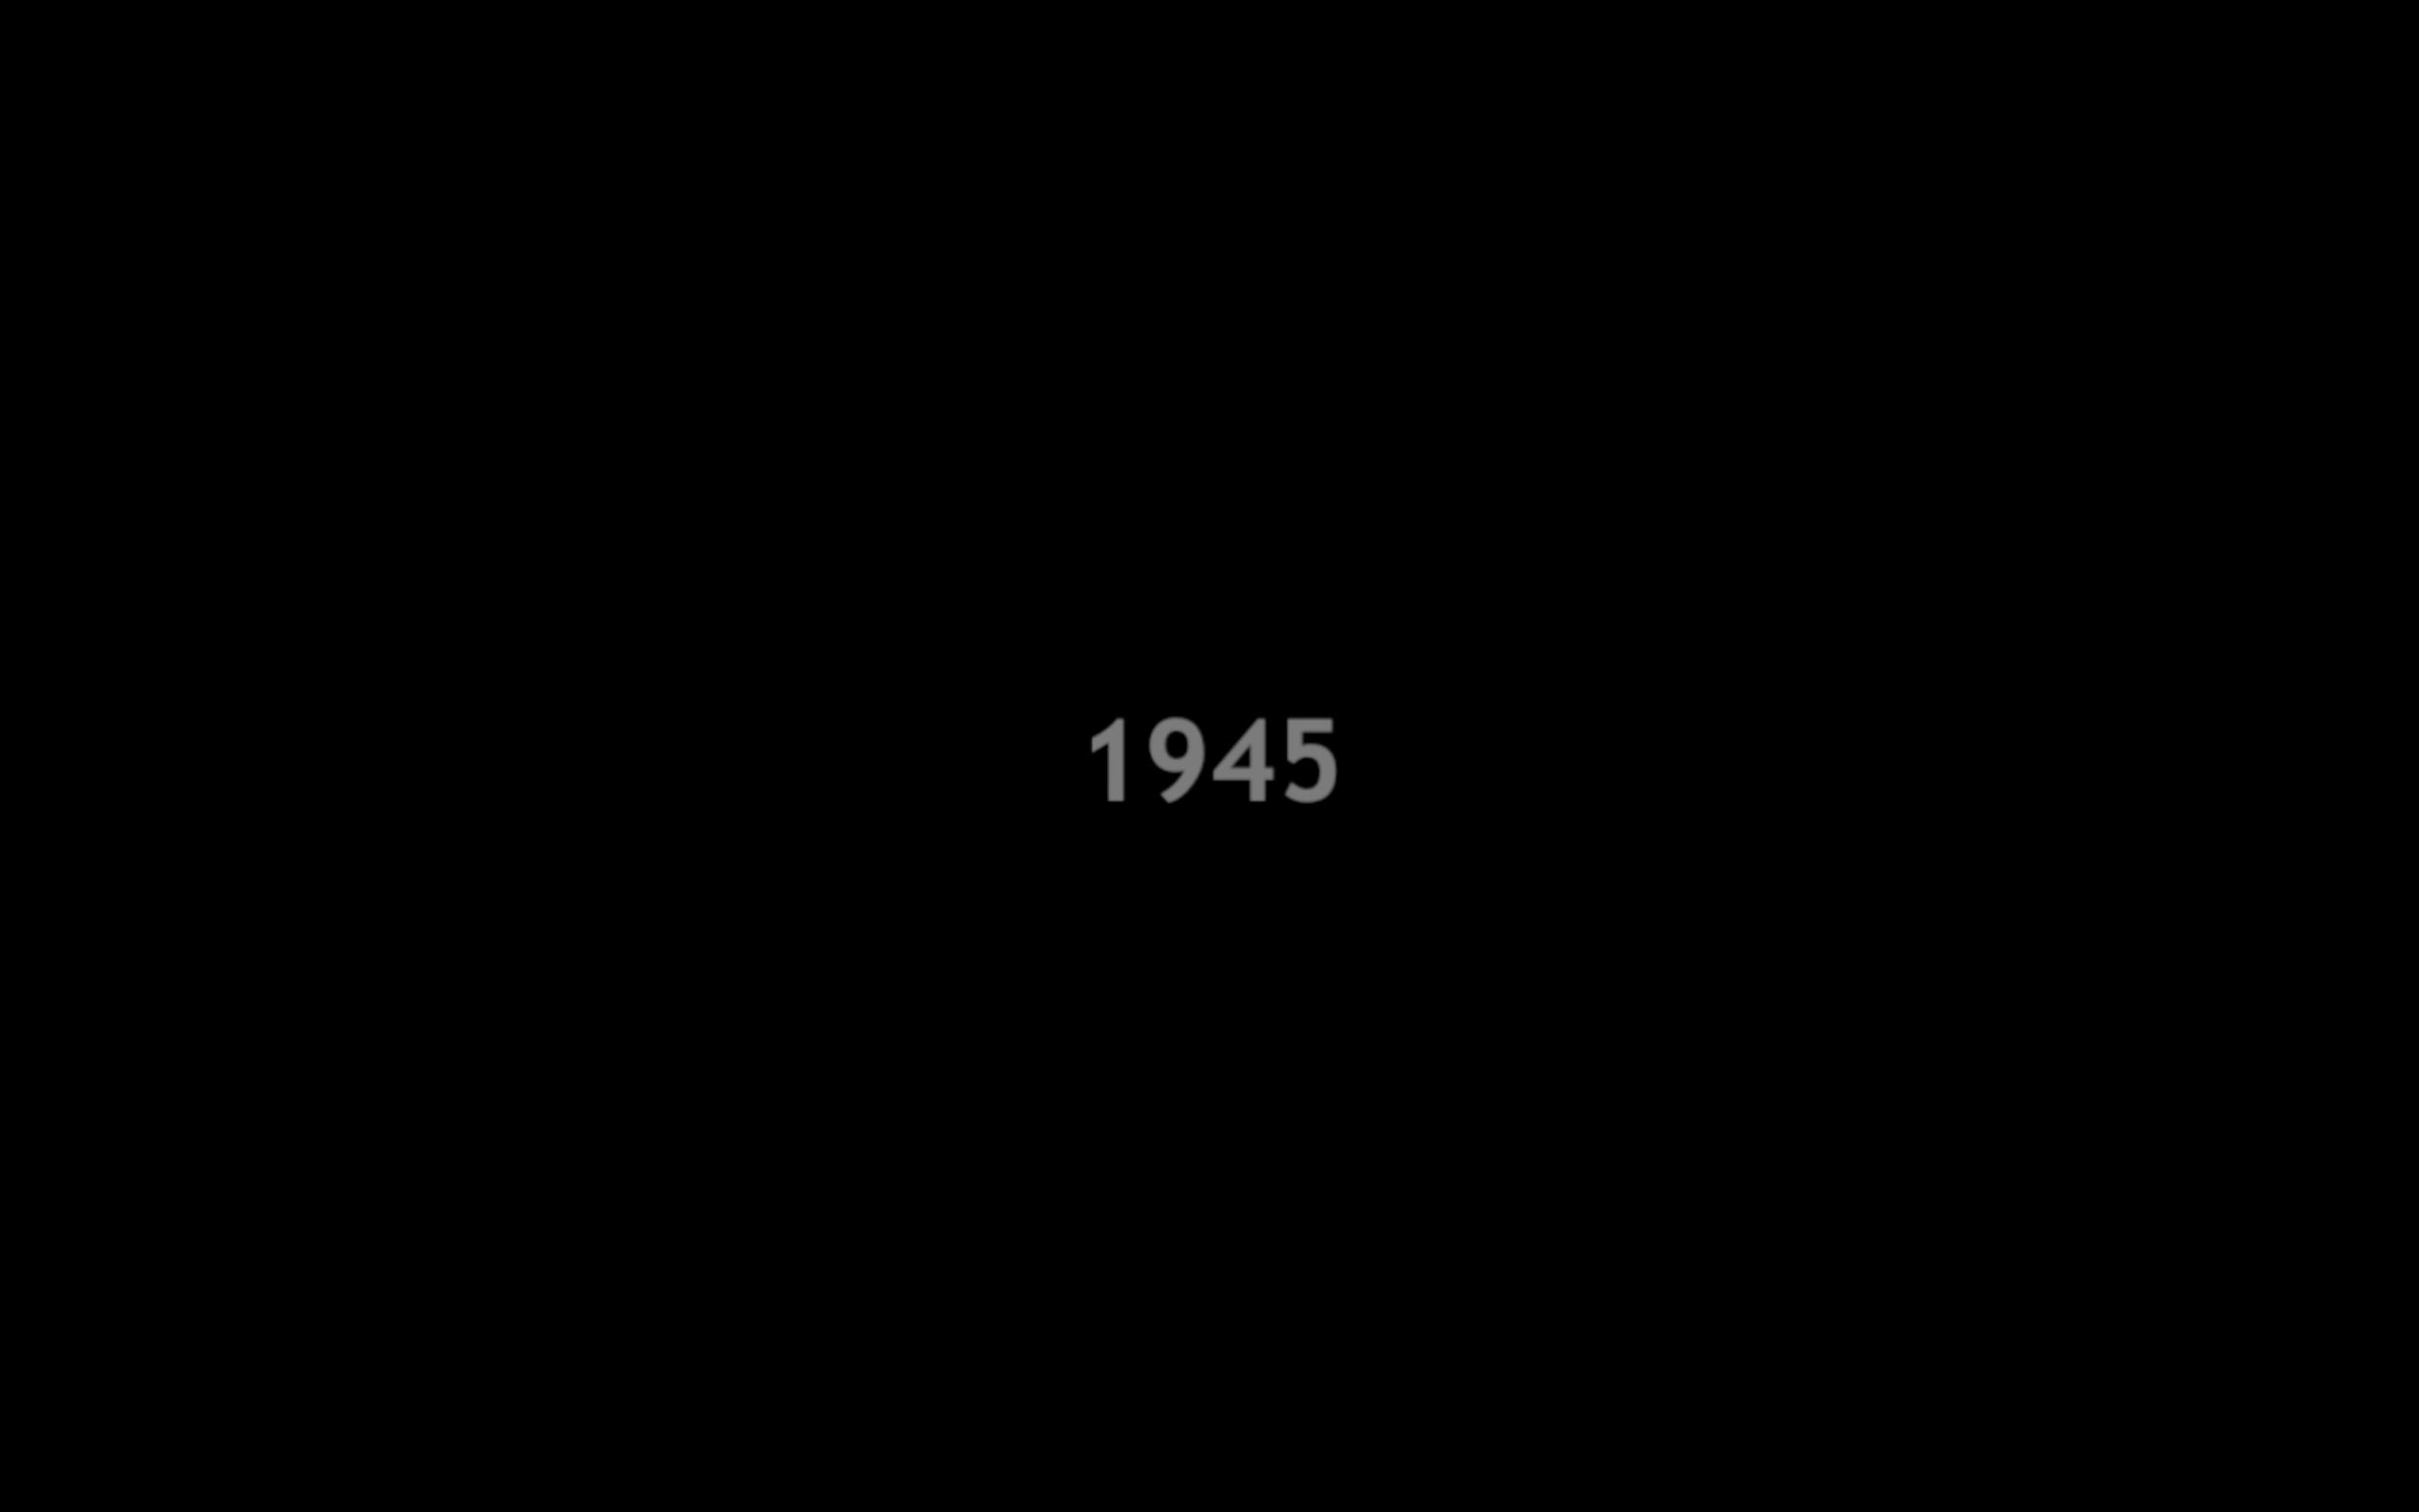 Screen Shot 2018-06-21 at 15.08.49.png